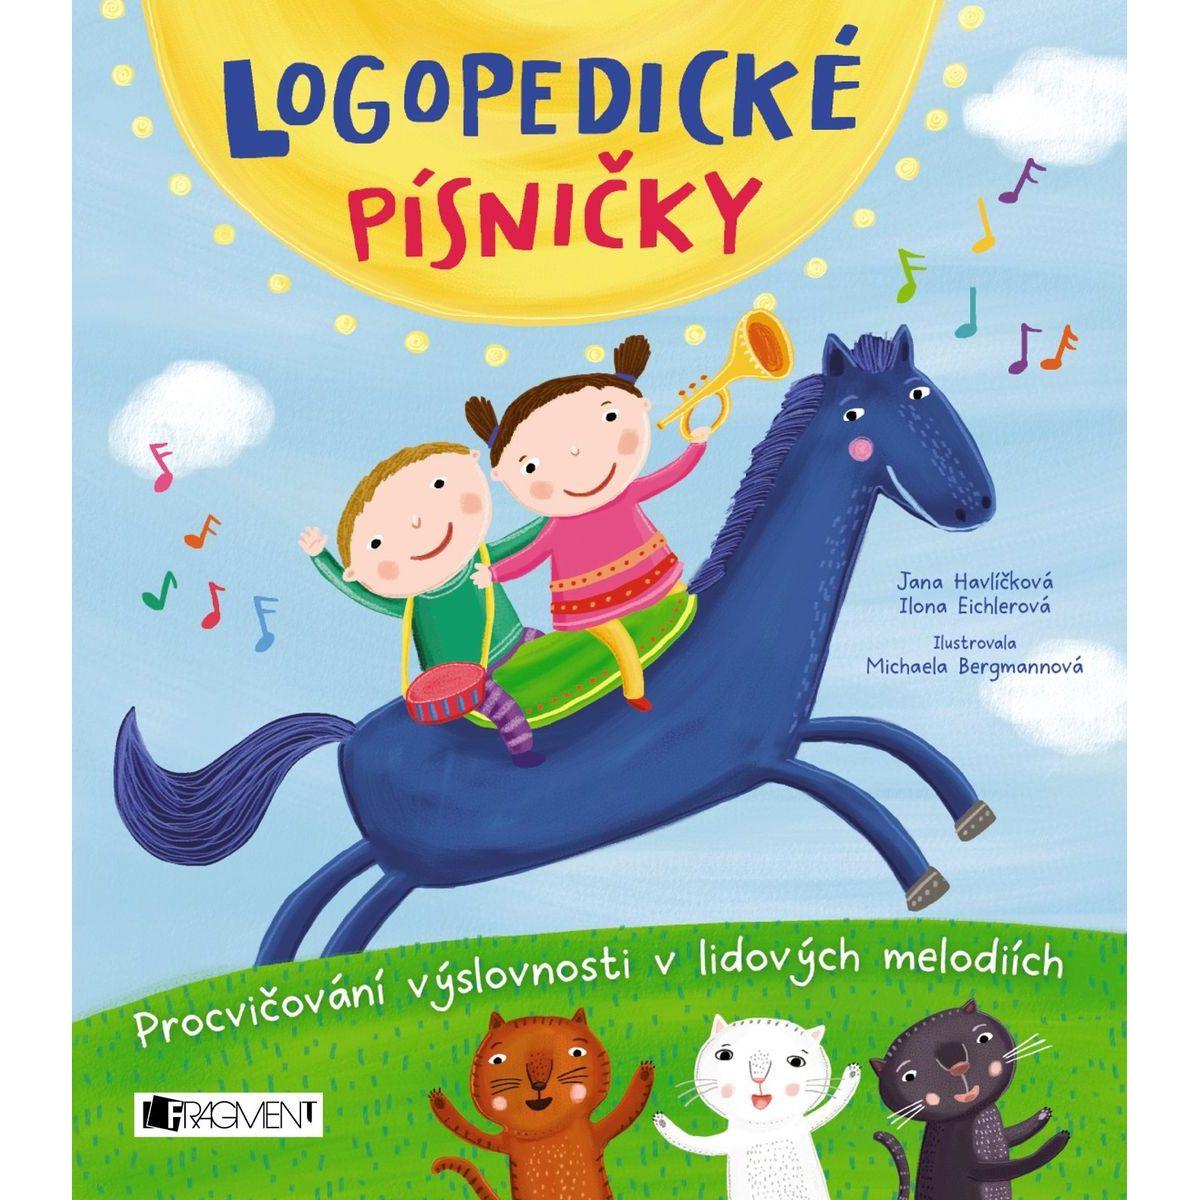 Logopedickej pesničky - Jana Havlíčková, Ilona Eichlerová